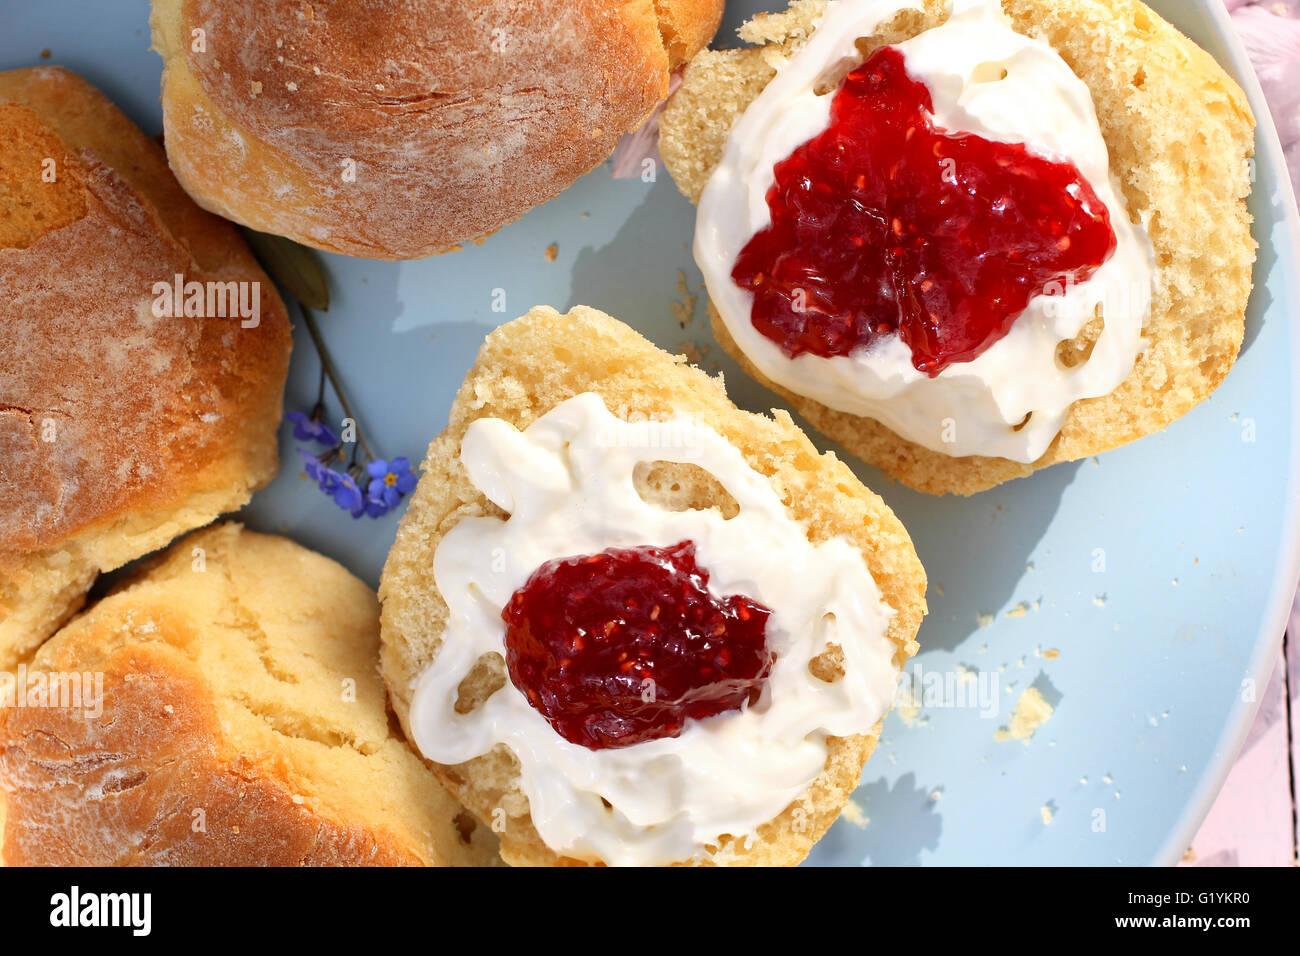 Scones escoceses con crema fresca y mermeladas de frambuesa cerrar Foto de stock